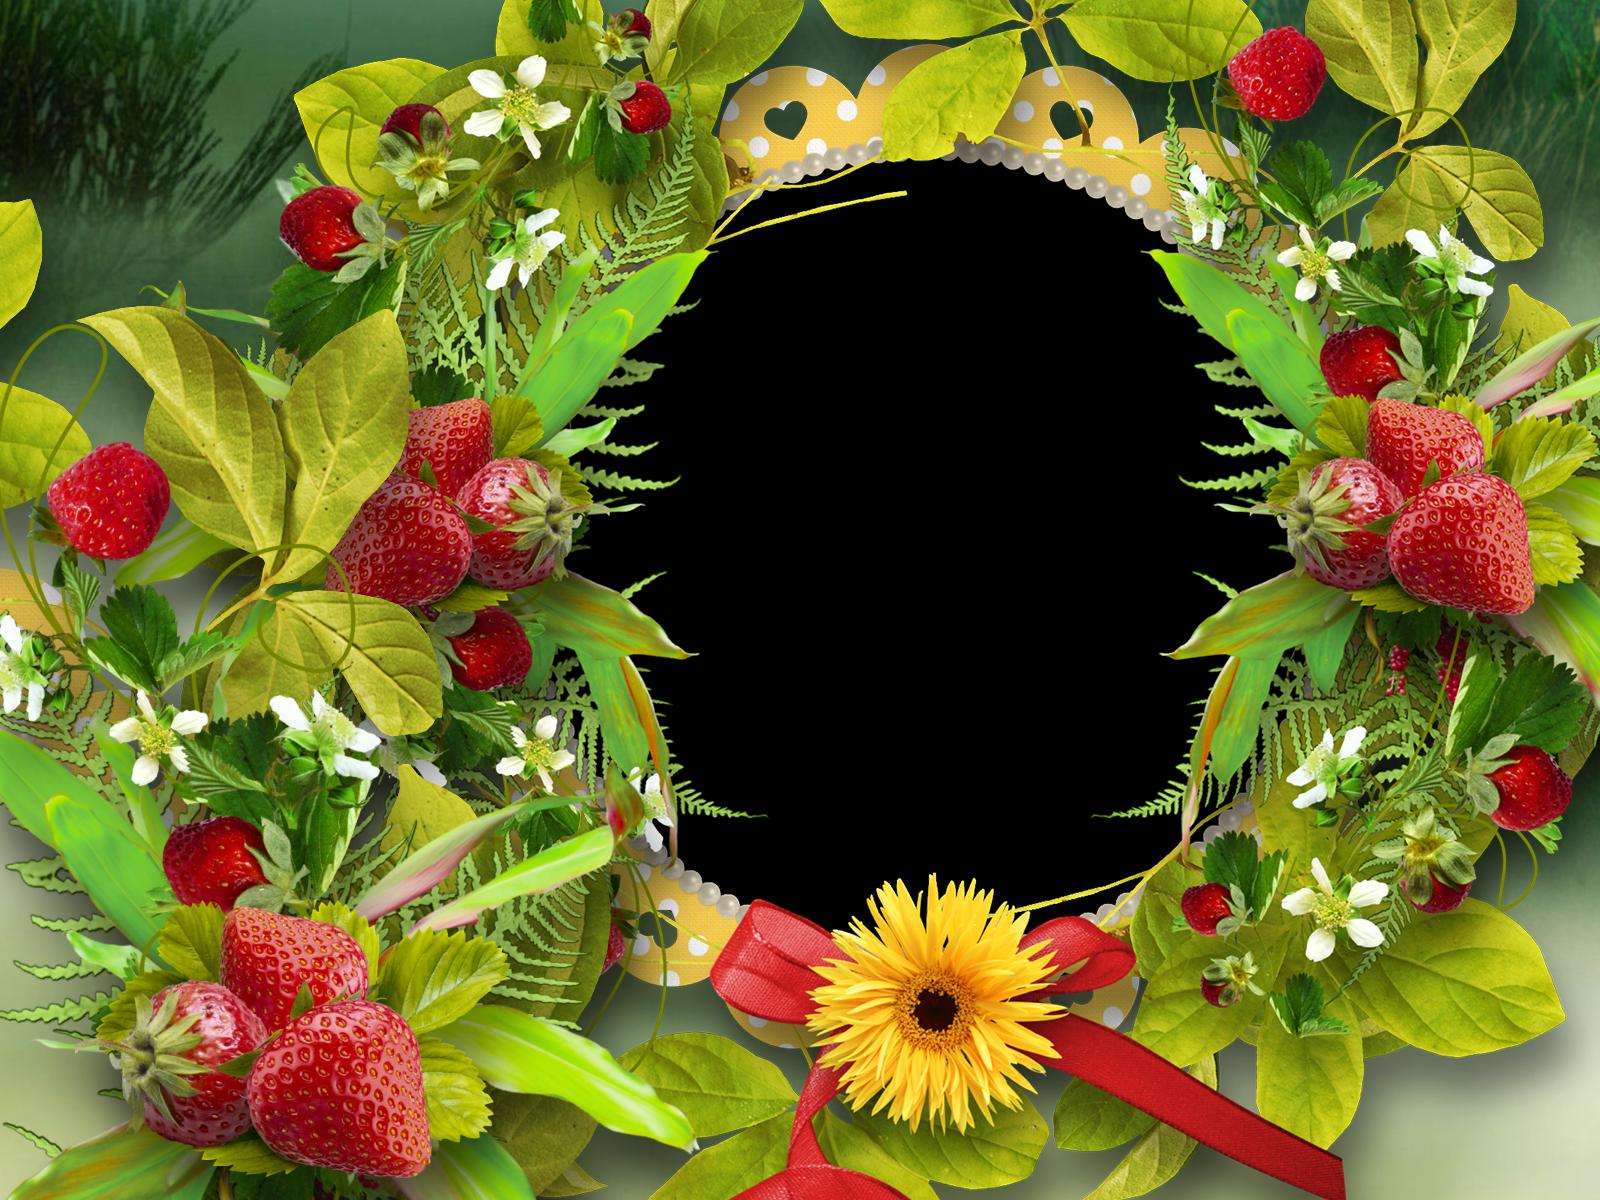 одной наиболее рамка для фото с ягодами классики больше всего